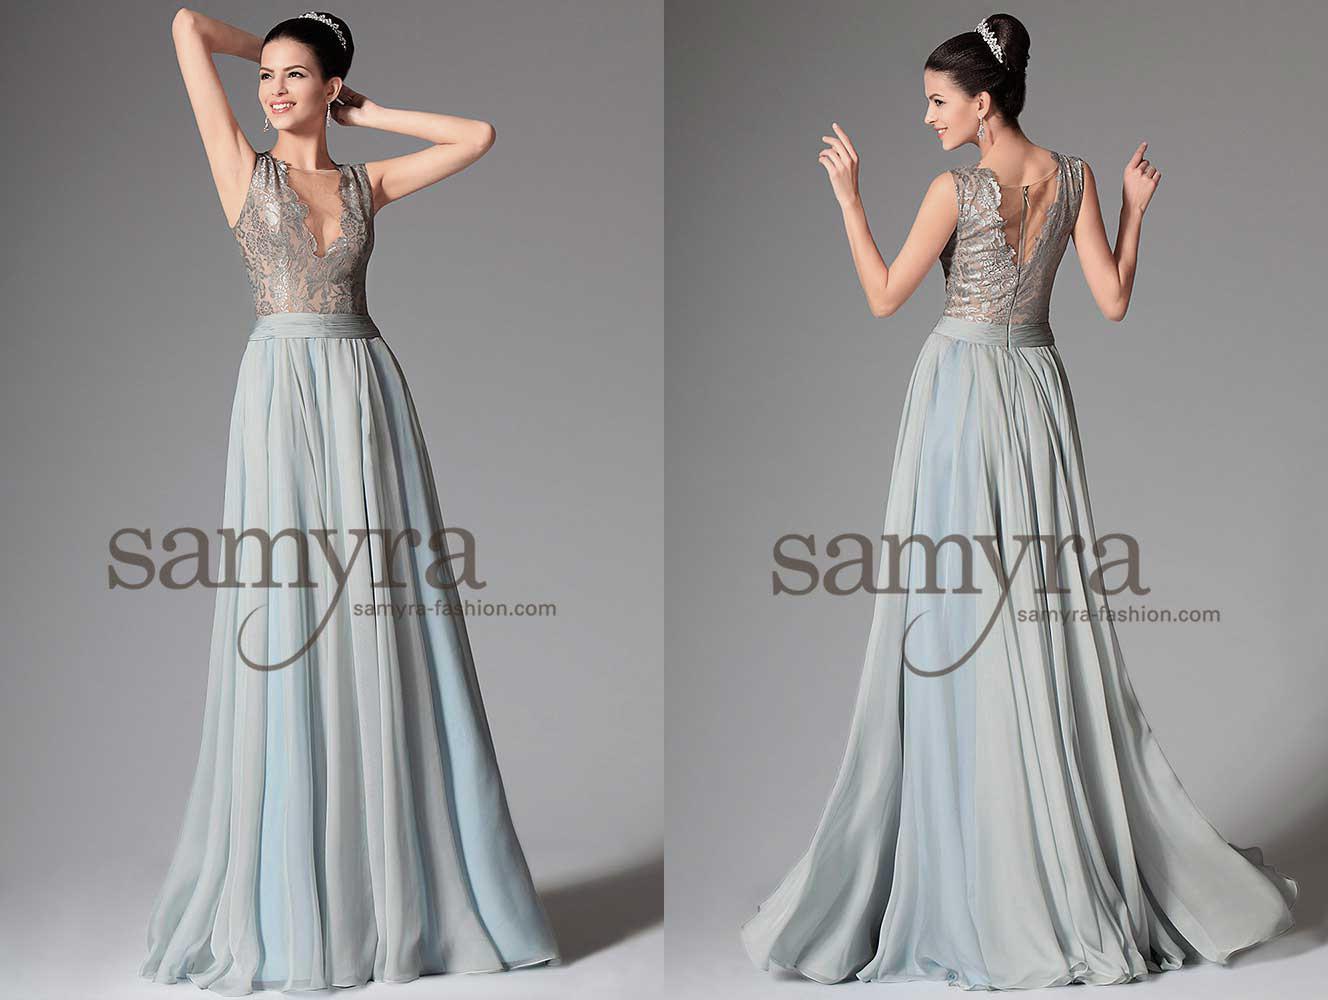 Designer Luxurius Abendkleid Online Kaufen VertriebAbend Coolste Abendkleid Online Kaufen Stylish